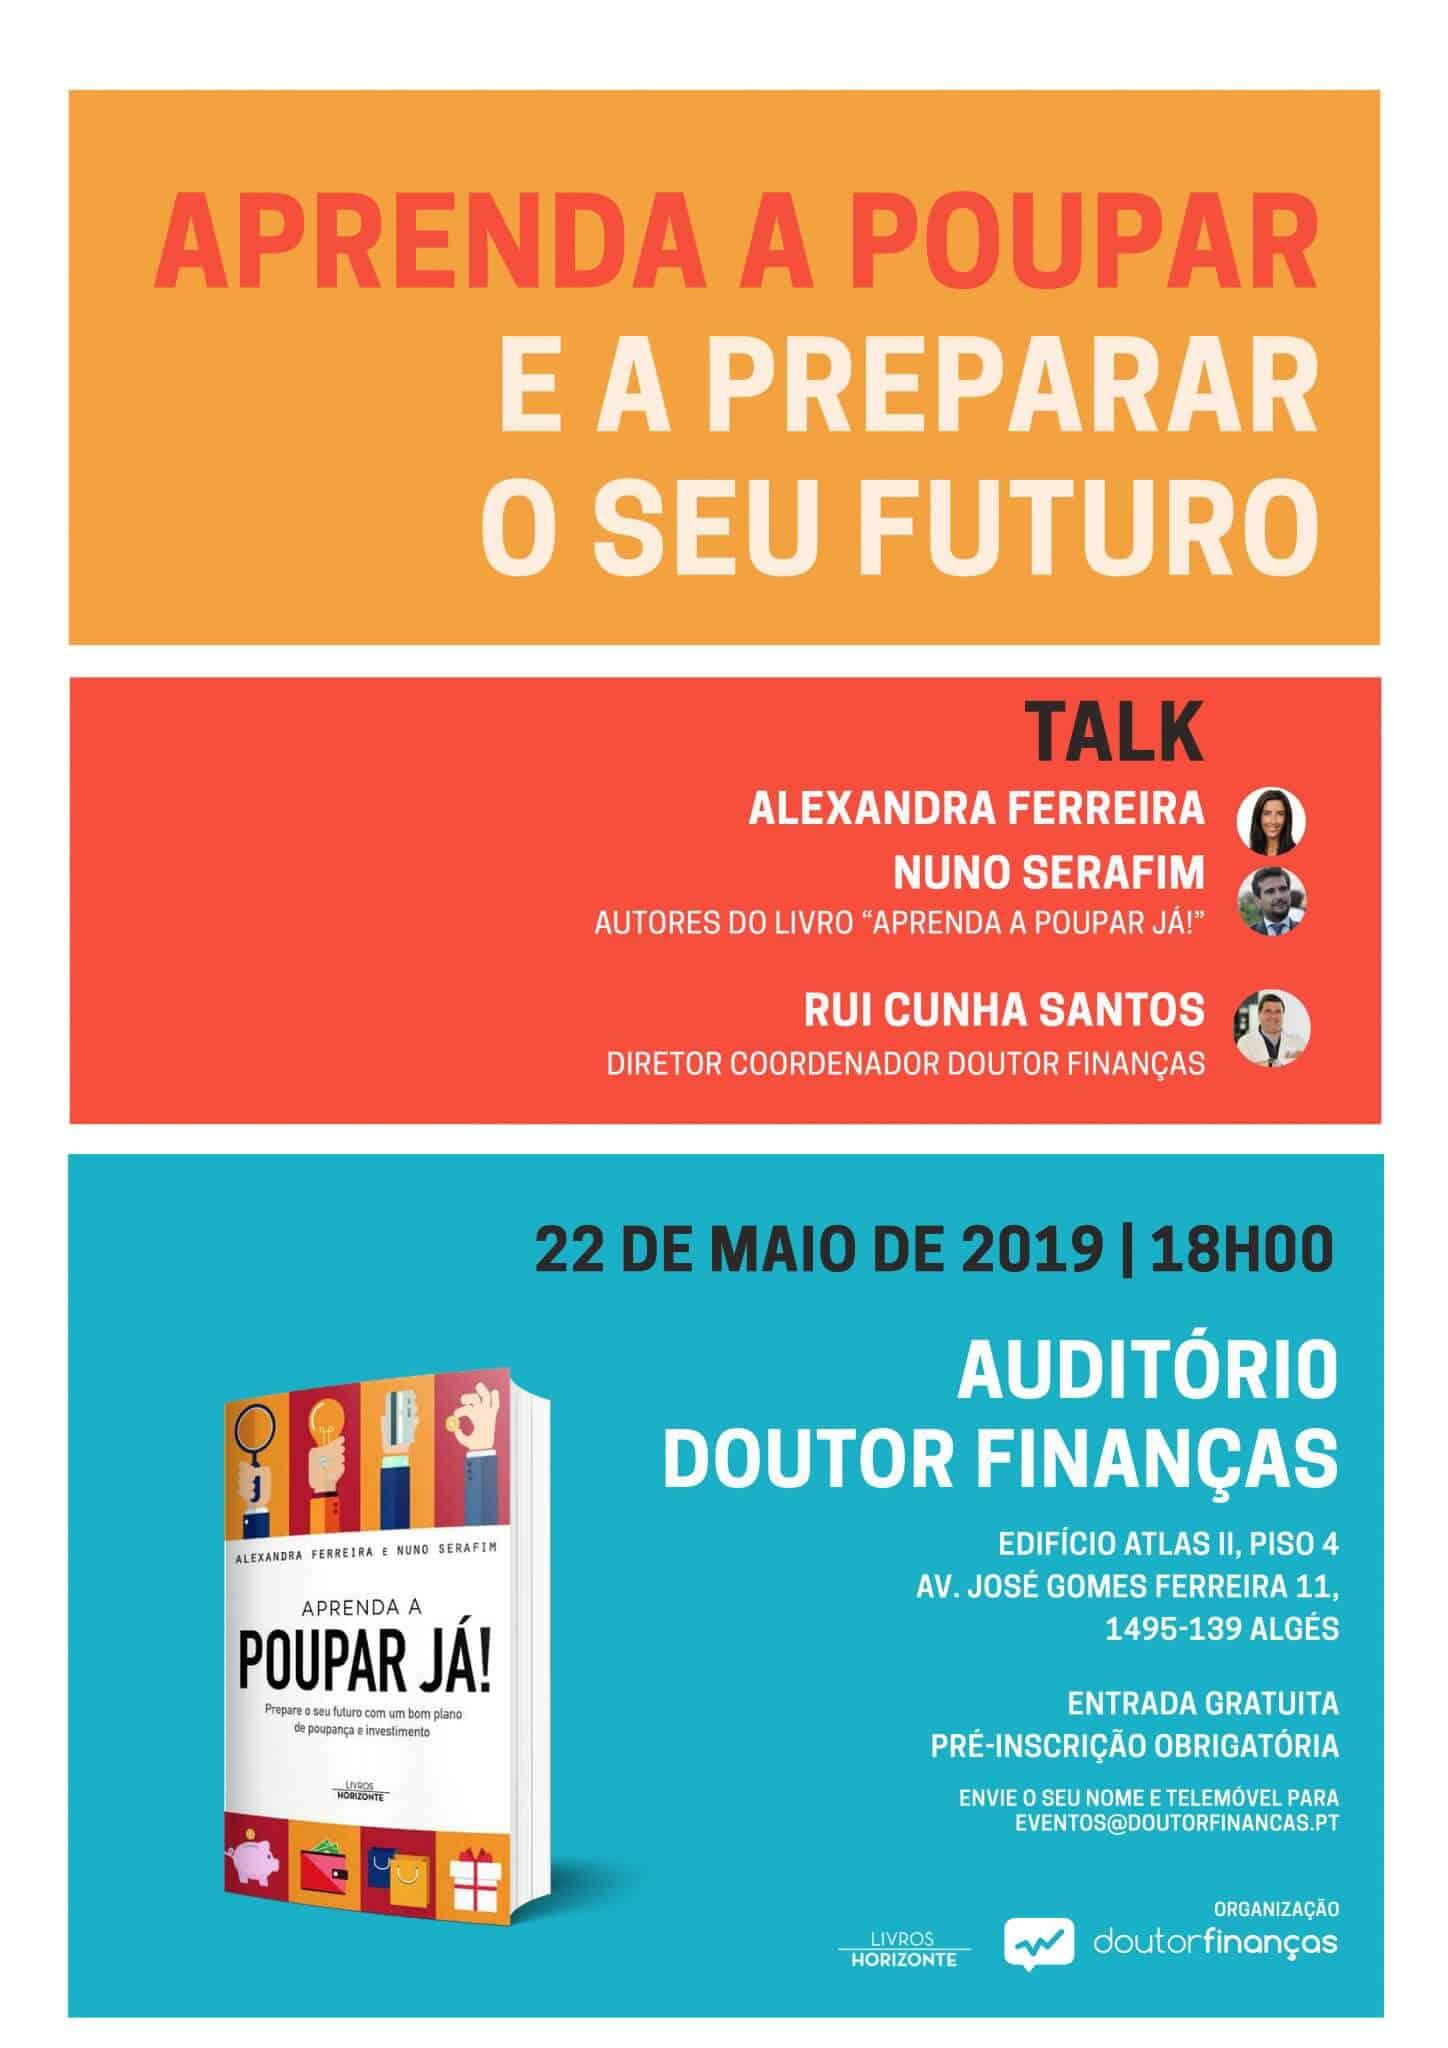 imagem cartaz de evento